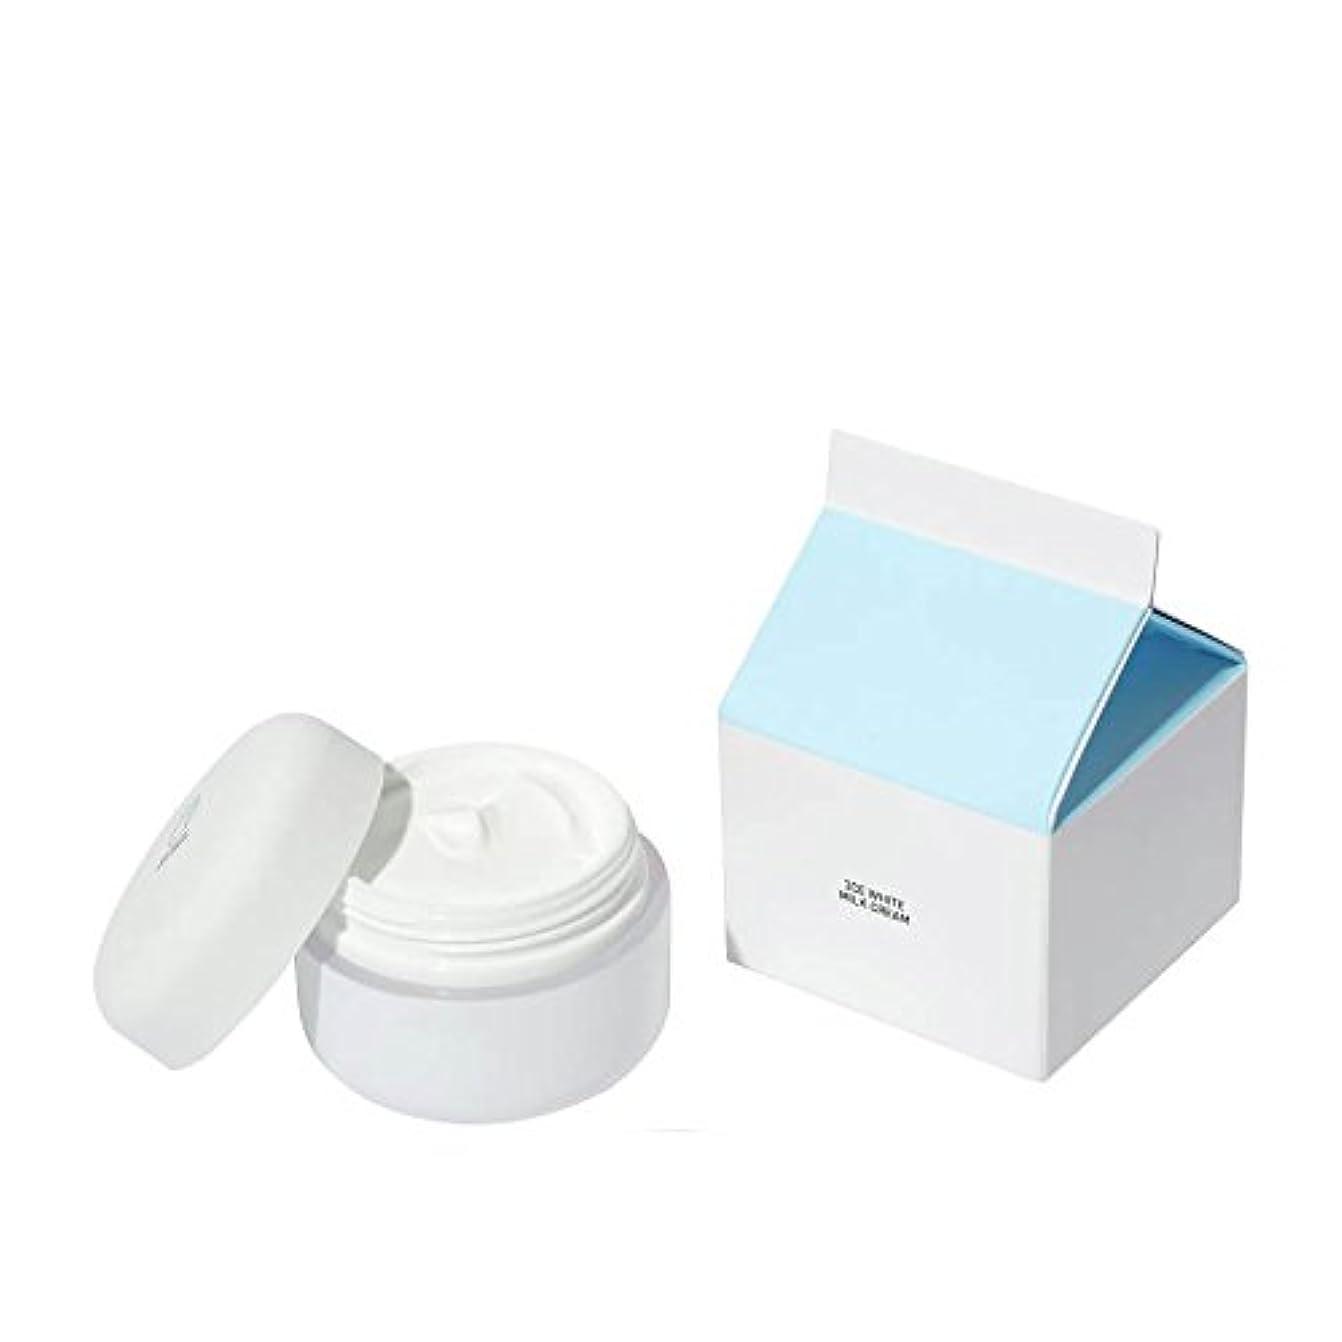 バルク苦難割る[3CE] ホワイトミルククリーム(White Milk Cream) 50g